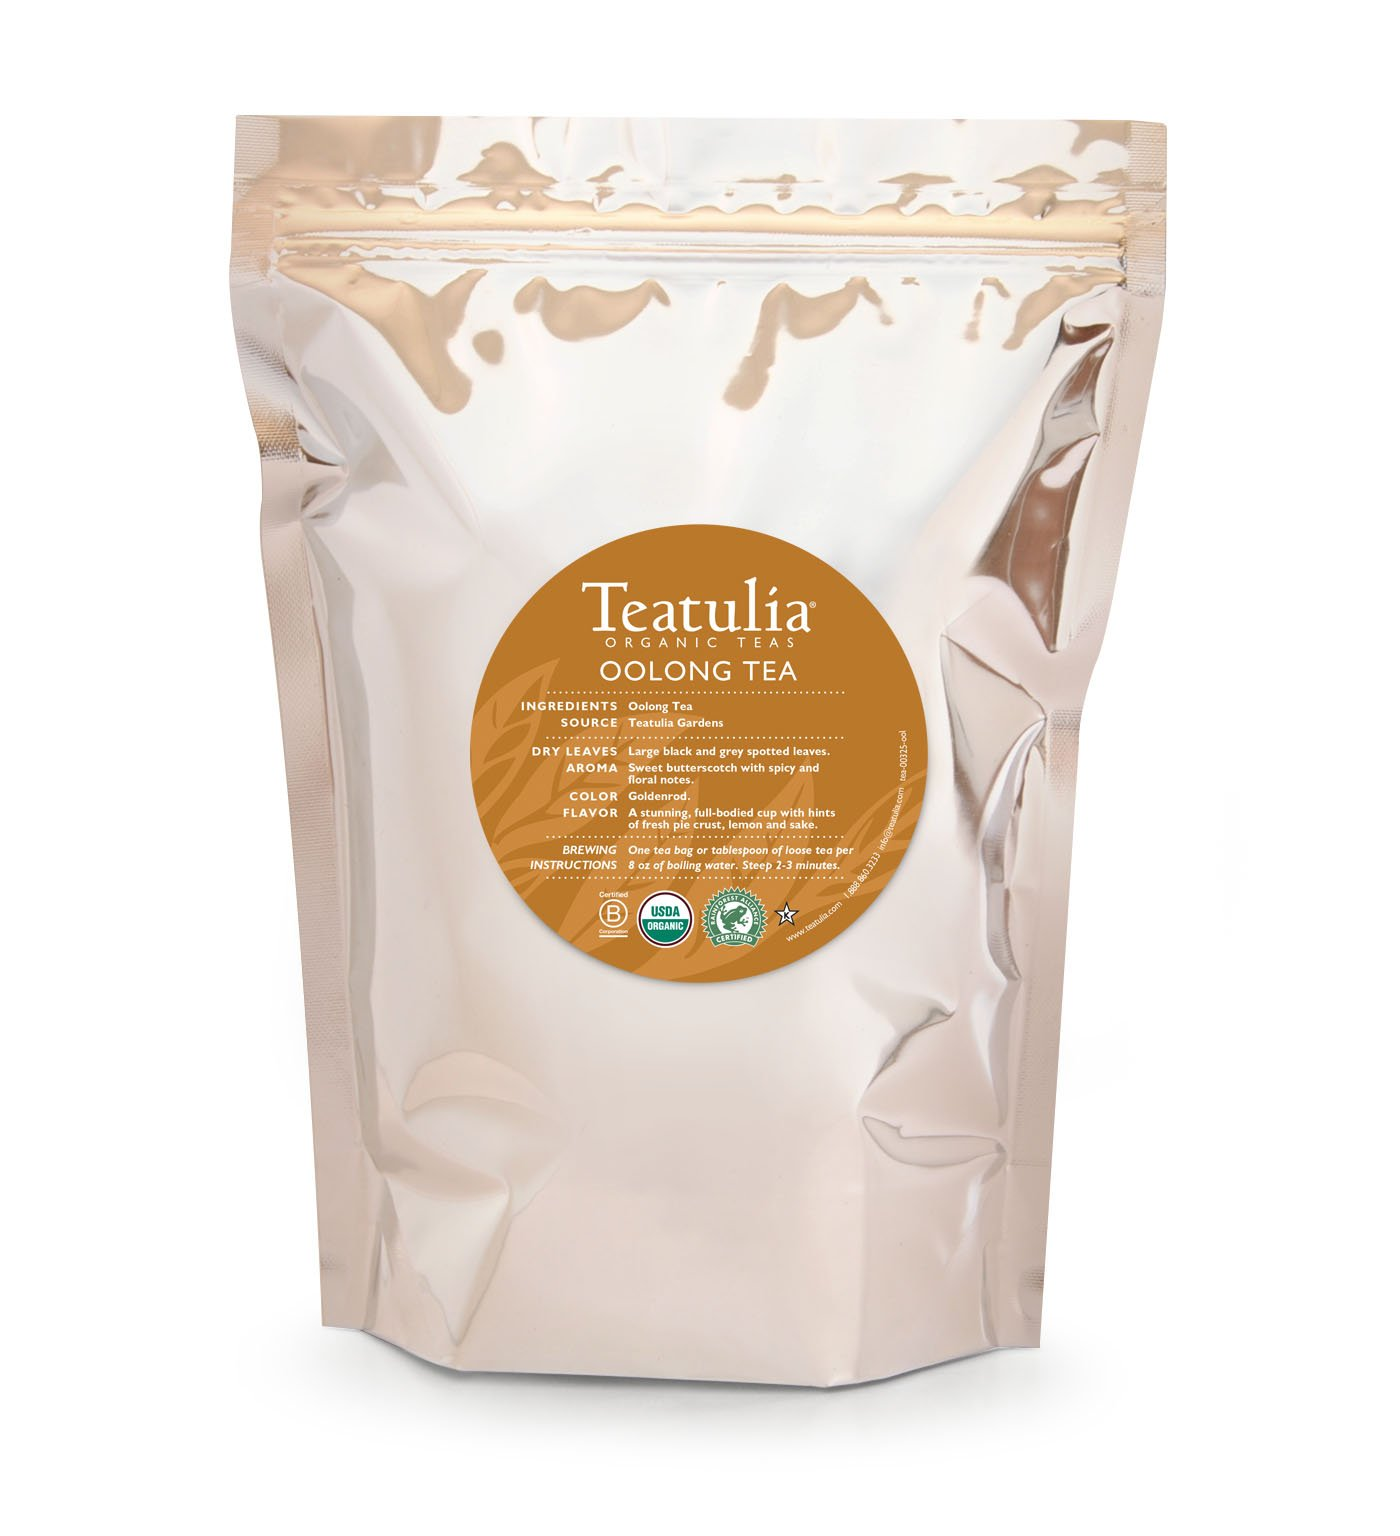 Teatulia Organic Loose Leaf Oolong Tea - 1lb of Tea - 16oz - Brew Hot or Cold